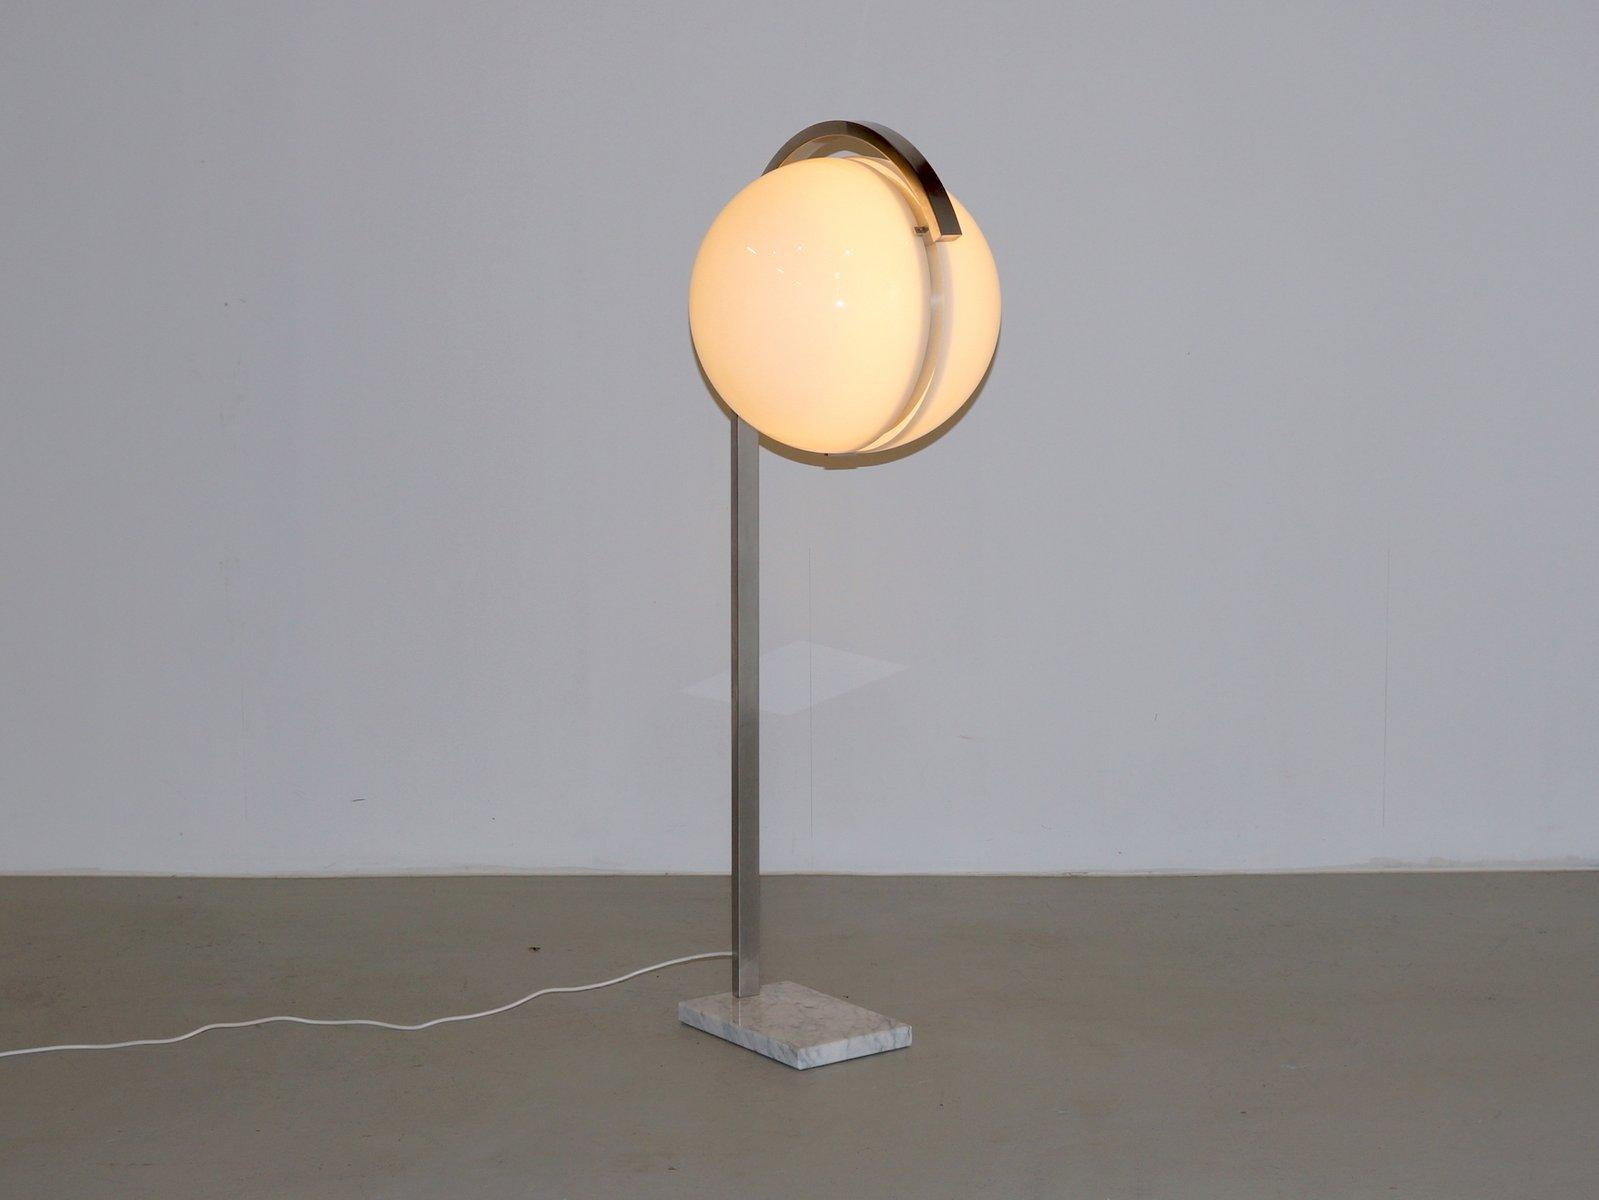 acryl kugel stehlampe mit marmorfu von acciarri 1960er bei pamono kaufen. Black Bedroom Furniture Sets. Home Design Ideas